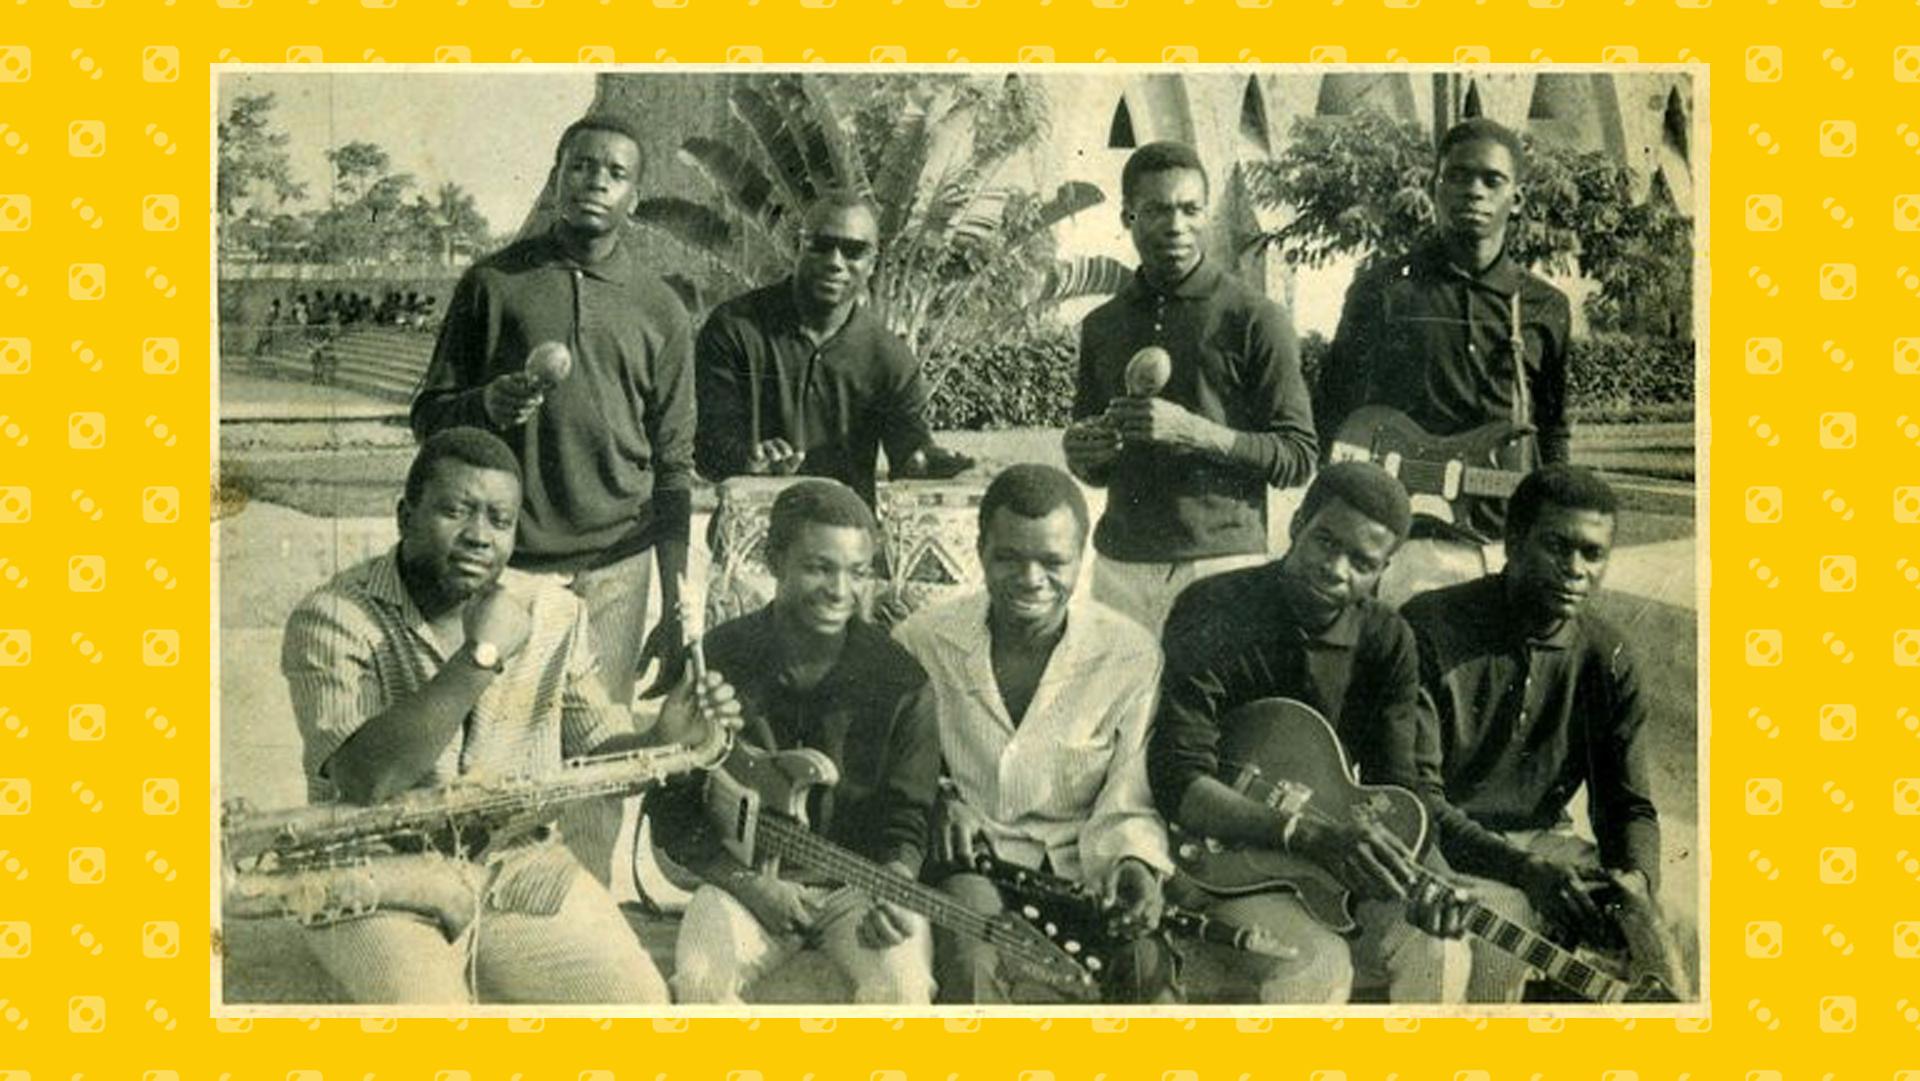 1960, l'anno delle indipendenze africane: Congo